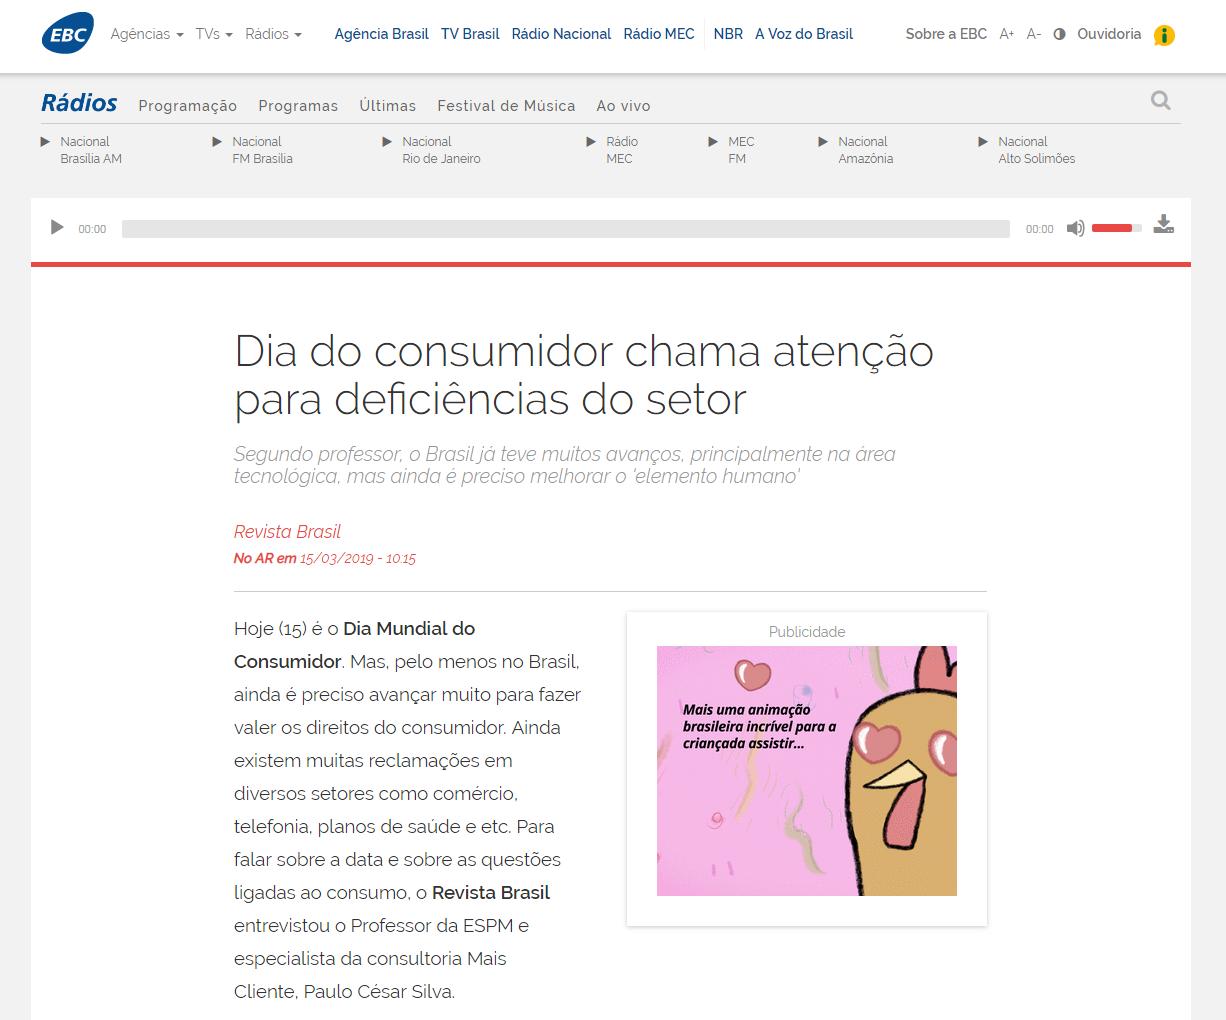 Agência Brasil: Dia do consumidor chama atenção para deficiências do setor